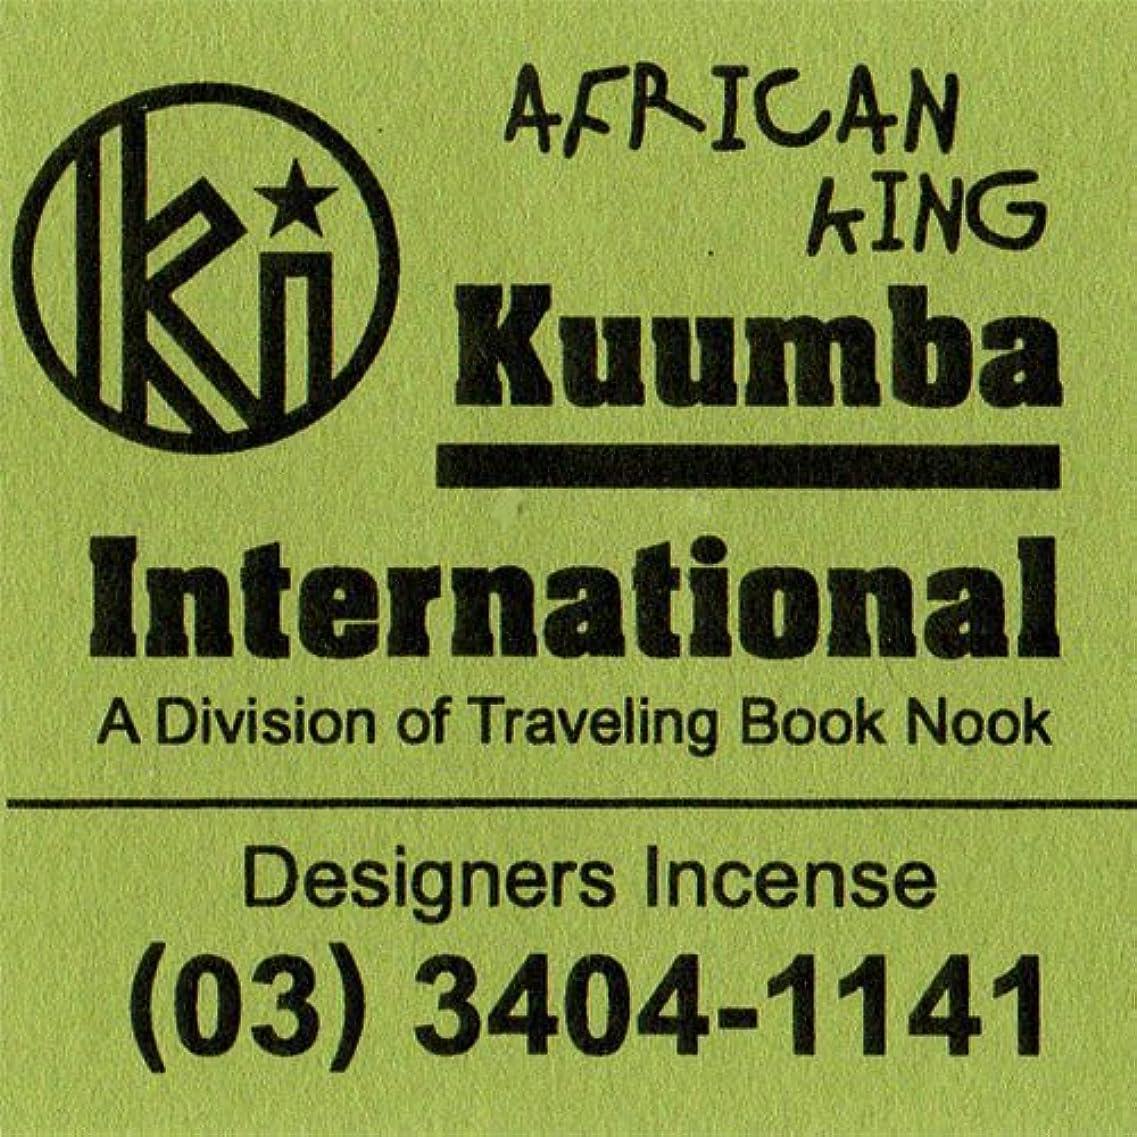 意識ヒロイック産地KUUMBA/クンバ『incense』(AFRICAN KING) (Regular size)